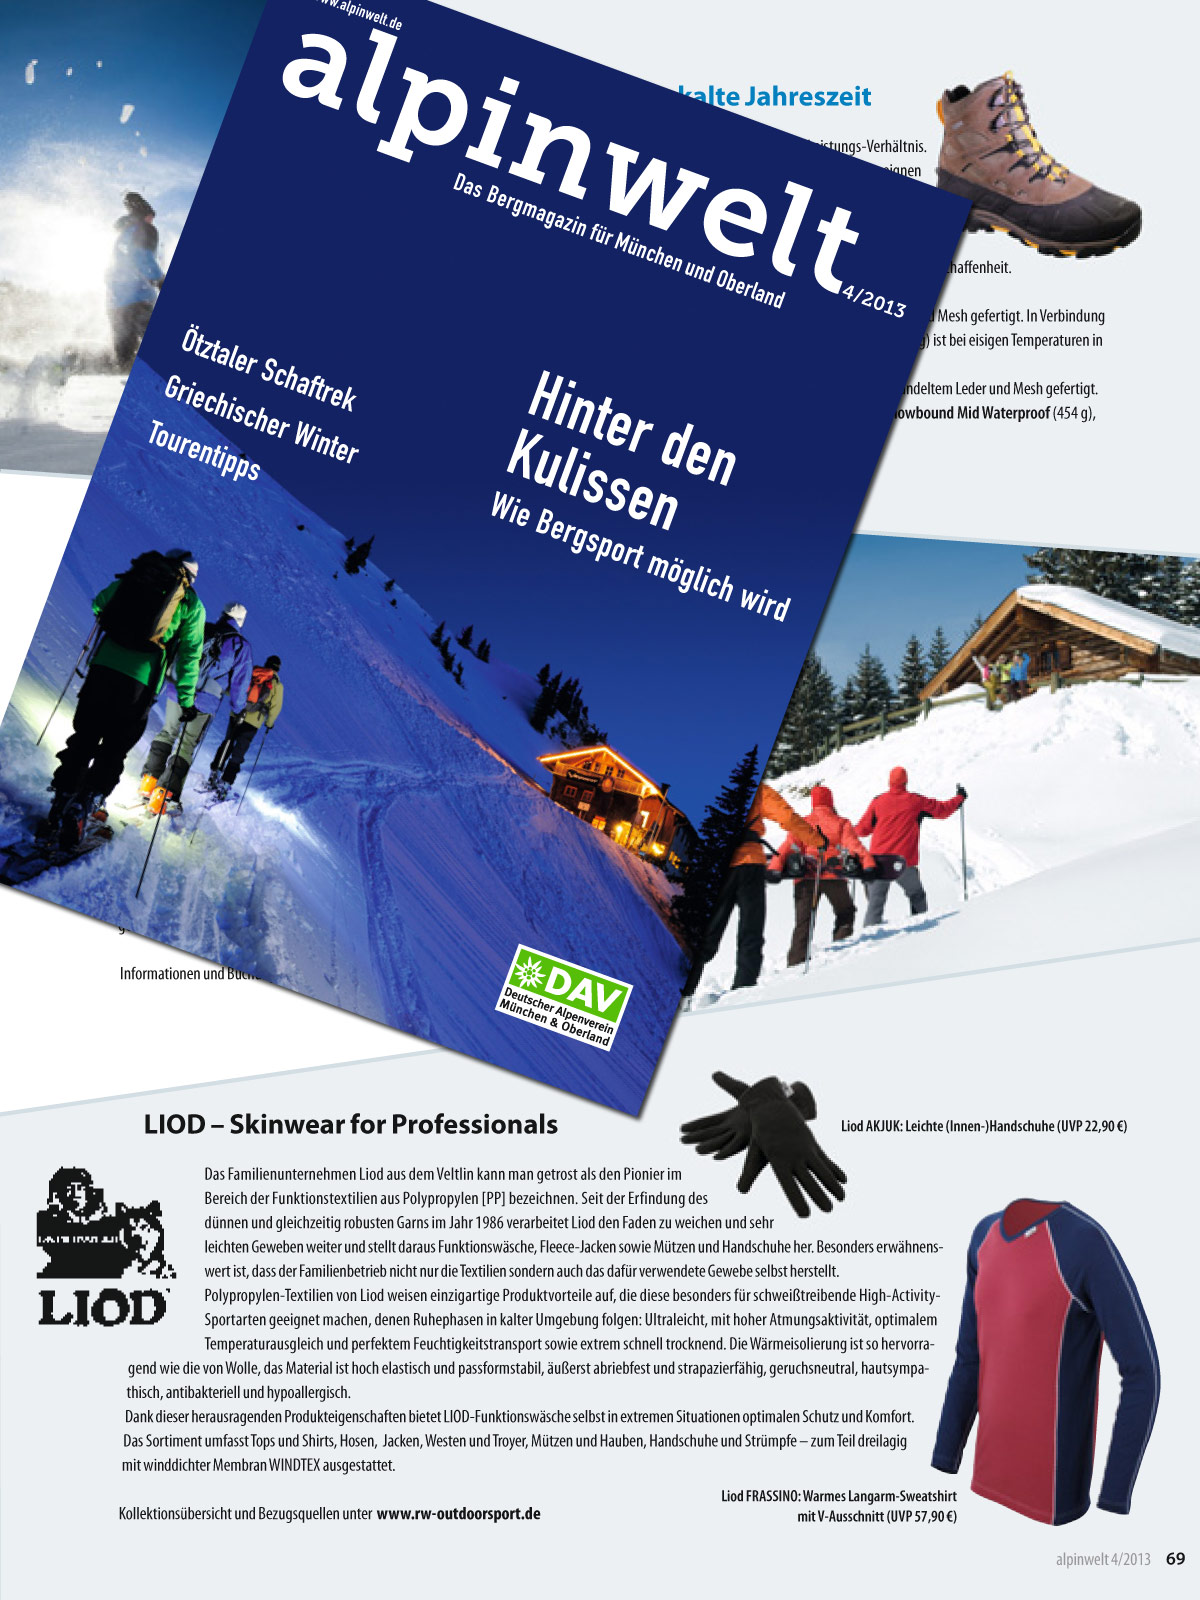 Das LIOD Markenprofil in der ALPINWELT 4/2013